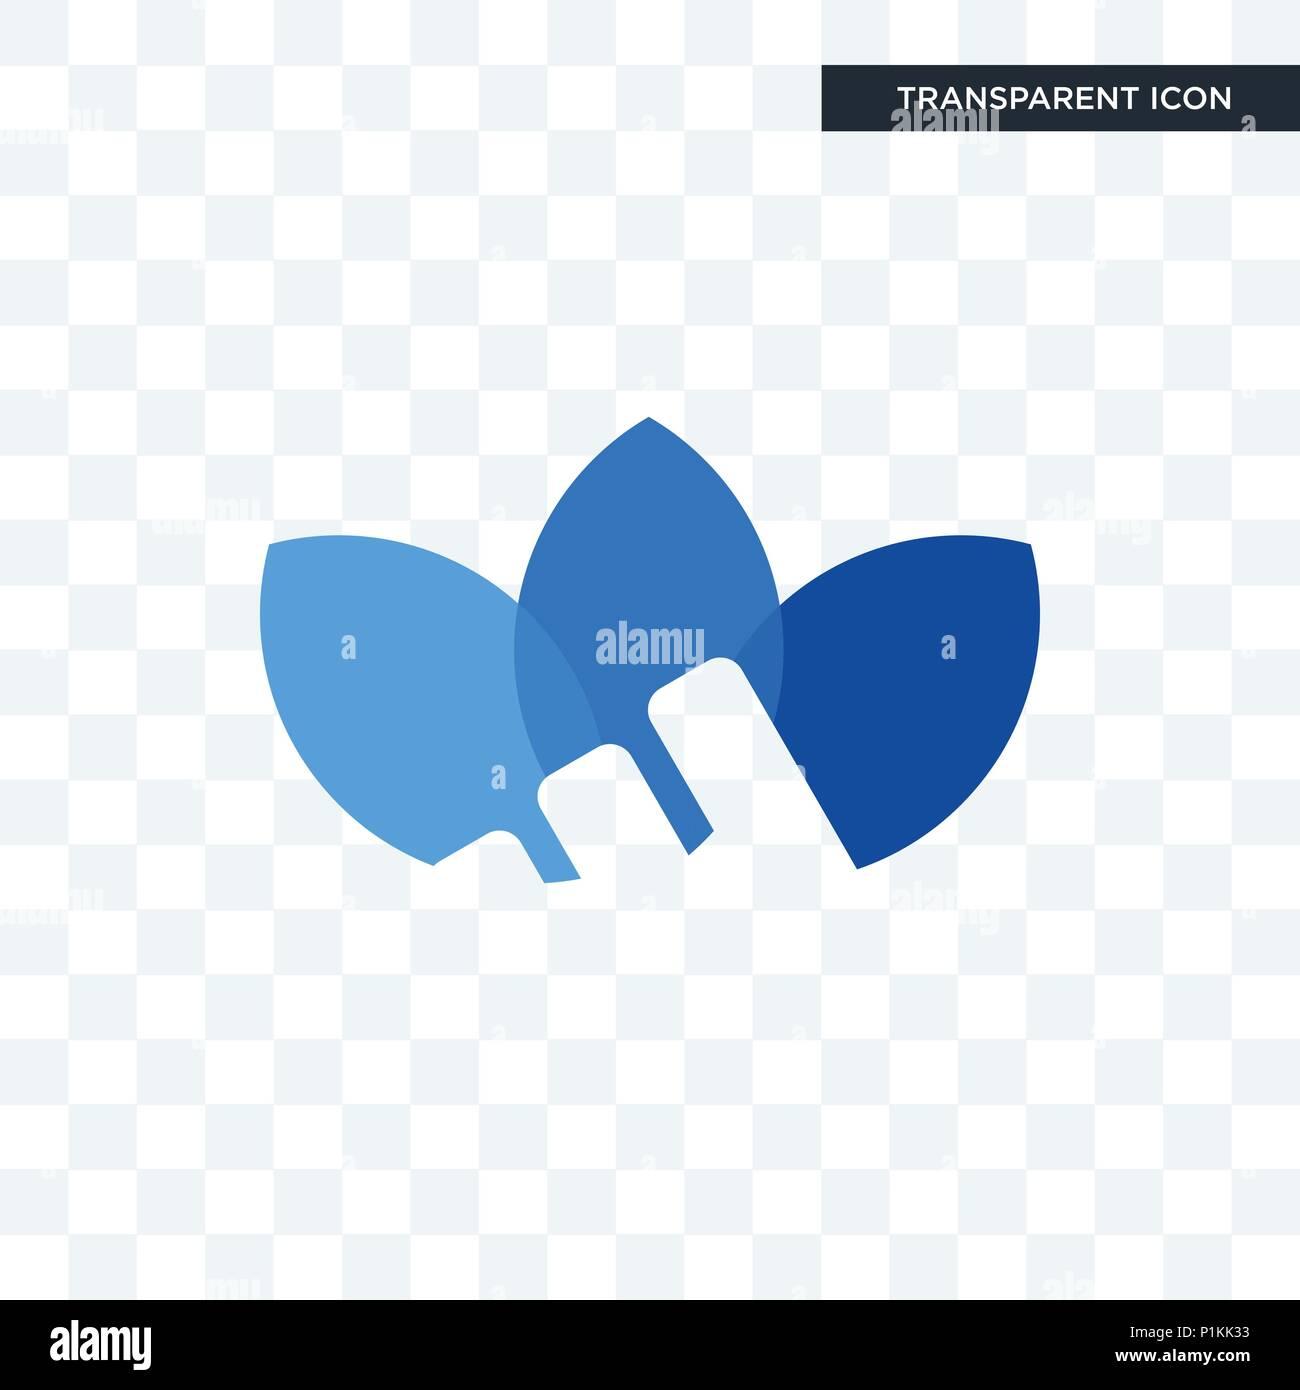 También Pesimista Virgen  Adidas icono vectorial aislado sobre fondo transparente, el concepto del  logotipo de adidas Imagen Vector de stock - Alamy